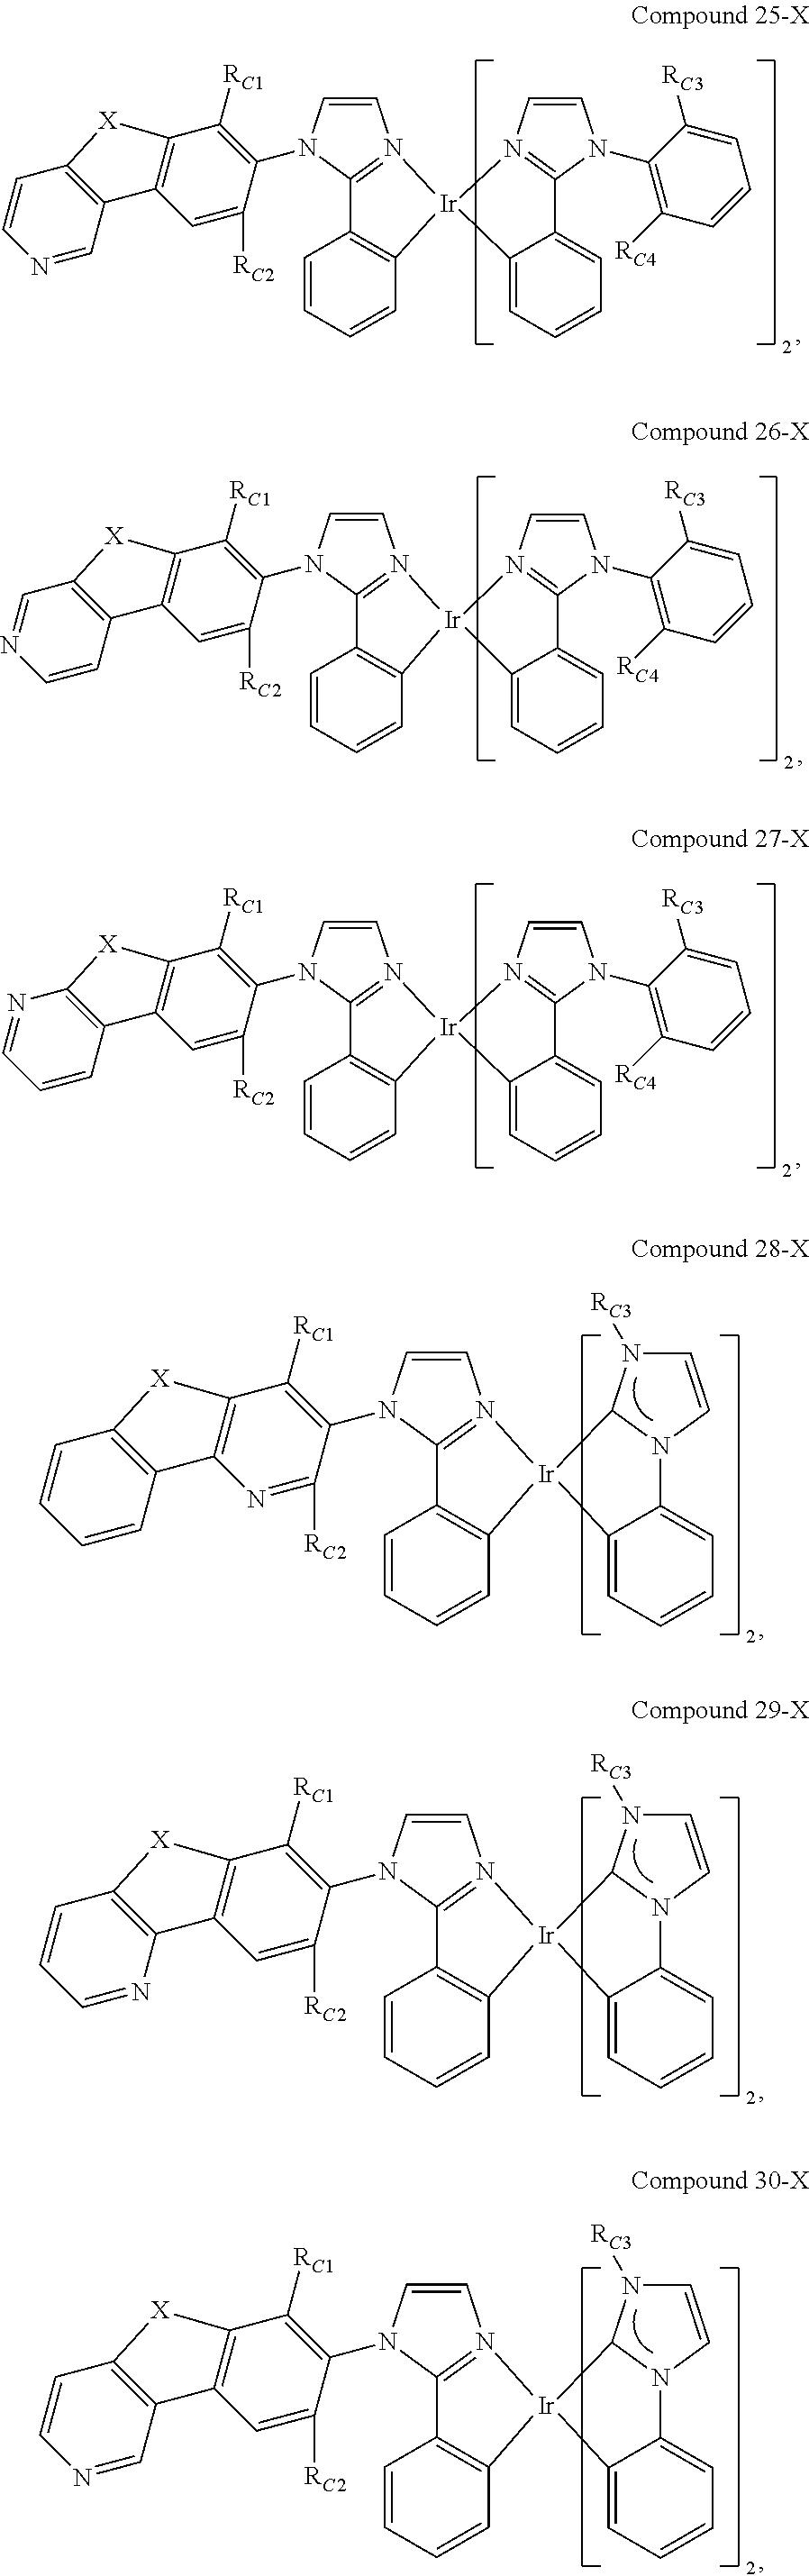 Figure US09978958-20180522-C00029